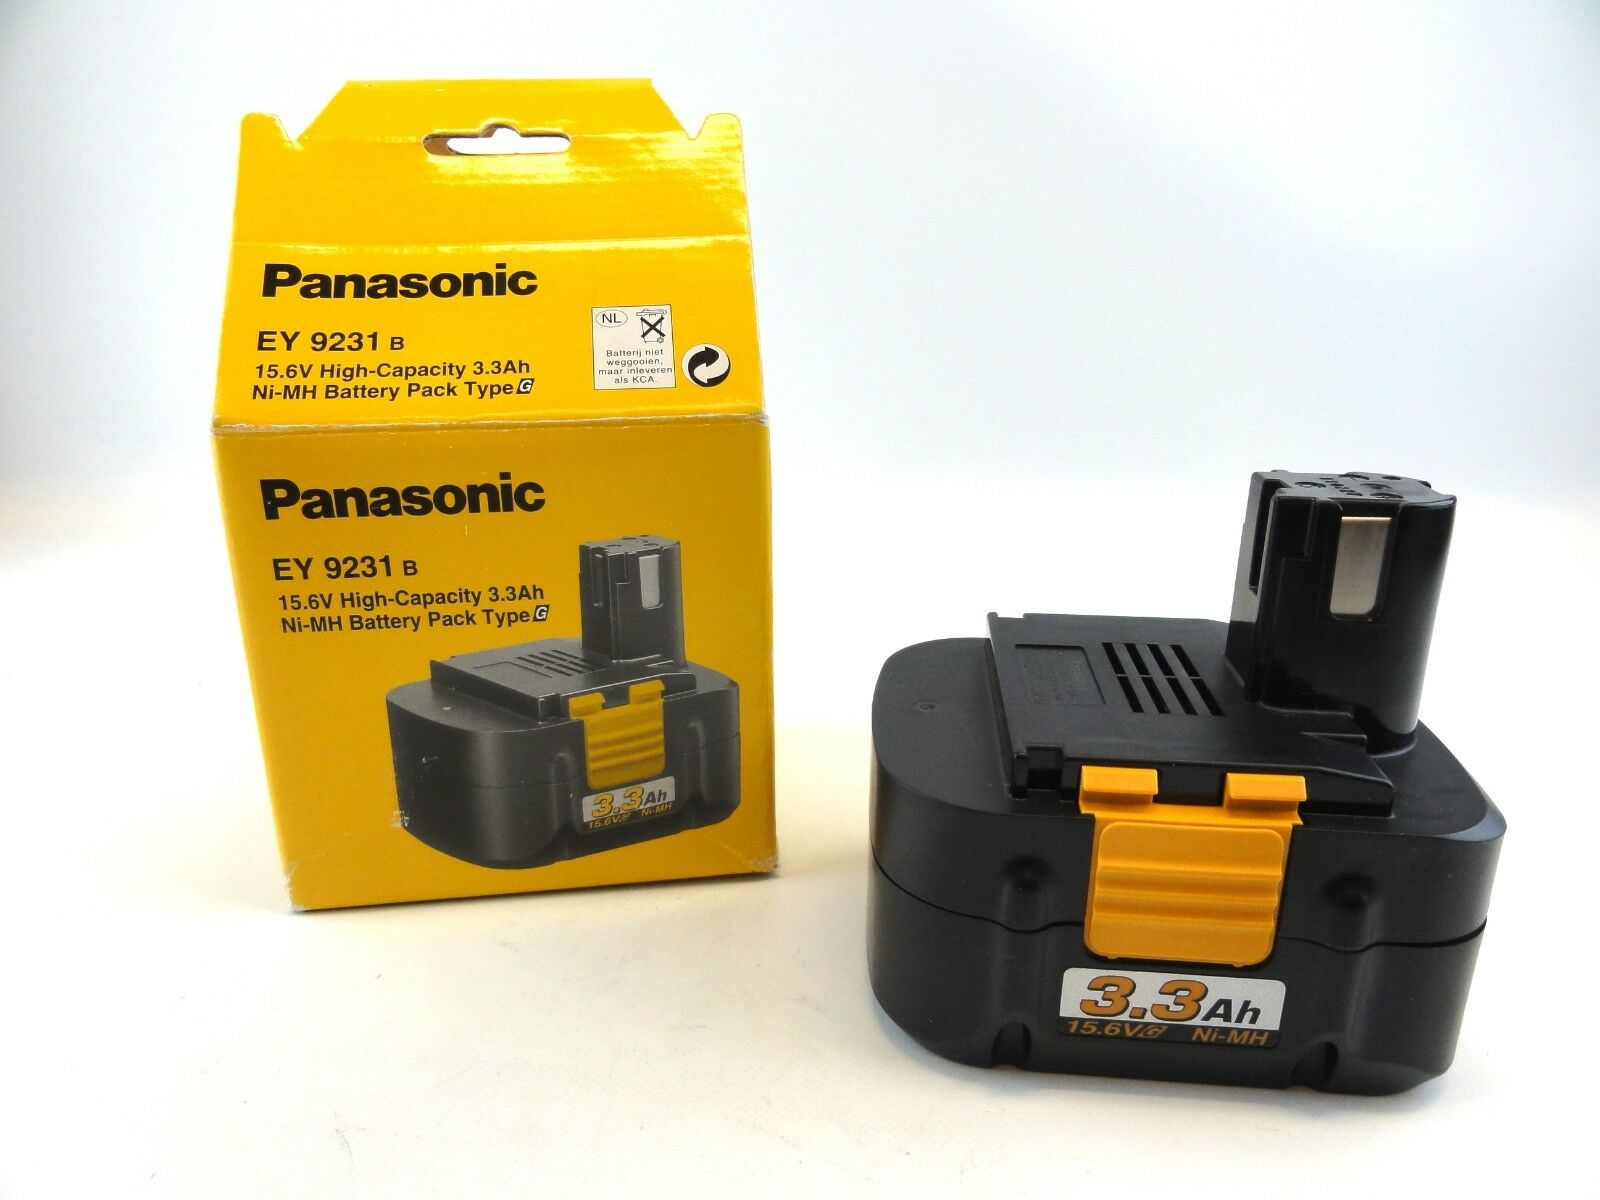 Panasonic Original Neu EY9231 15.6V 3.3ah Ah Akku für EY6431 EY6432 EY6535